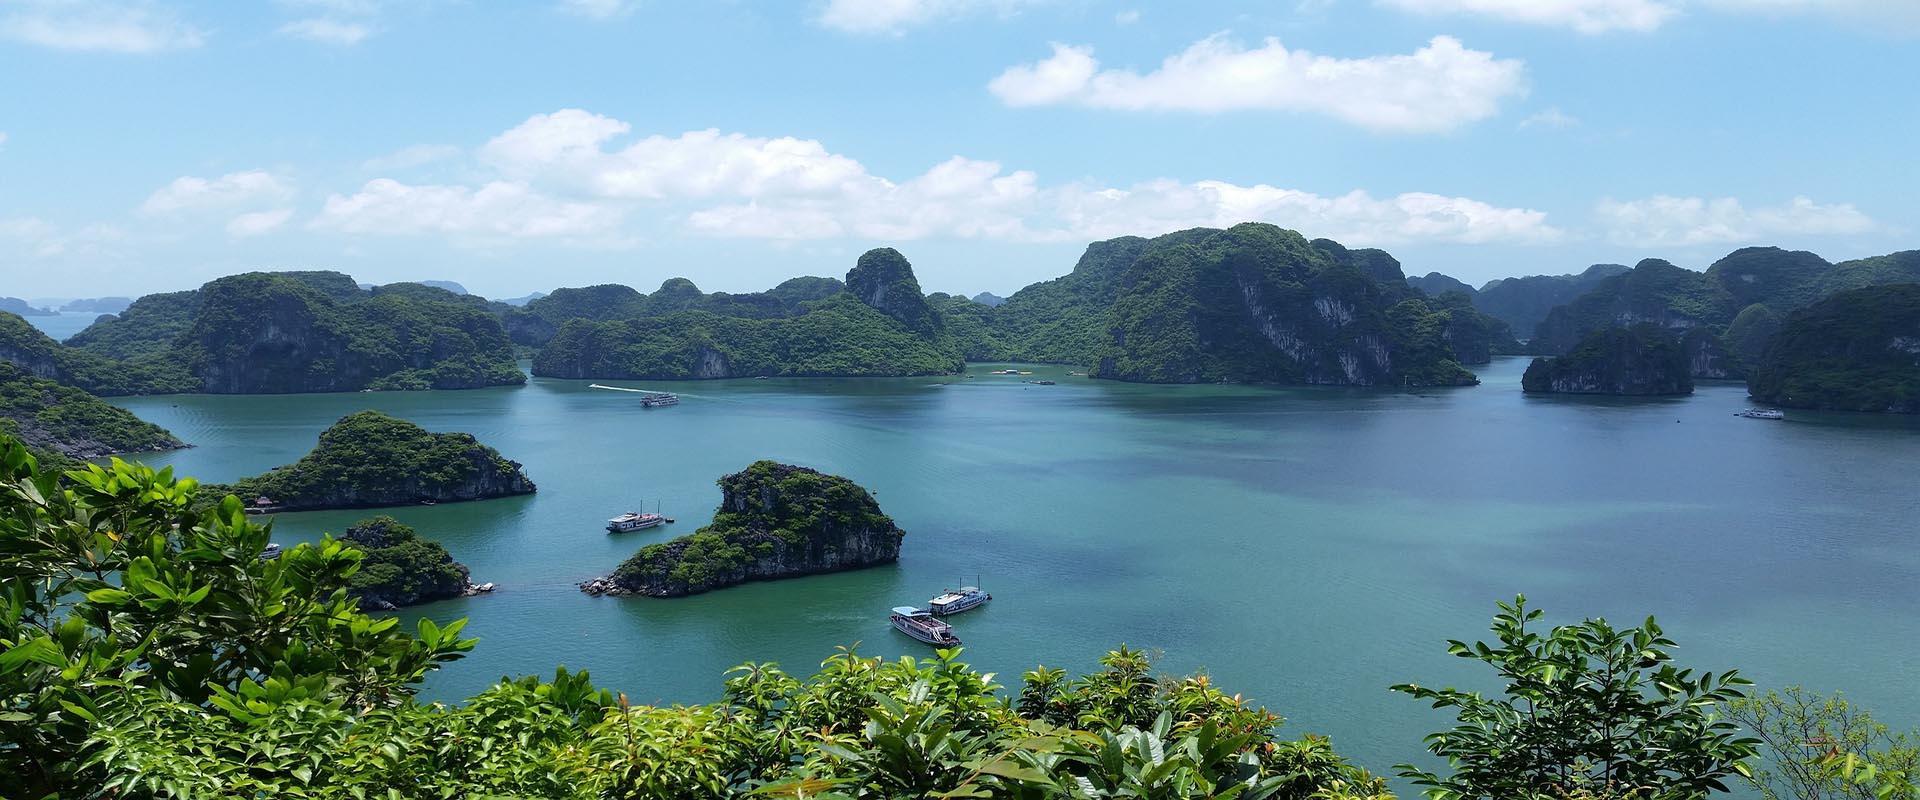 vietnam-environnement-banniere